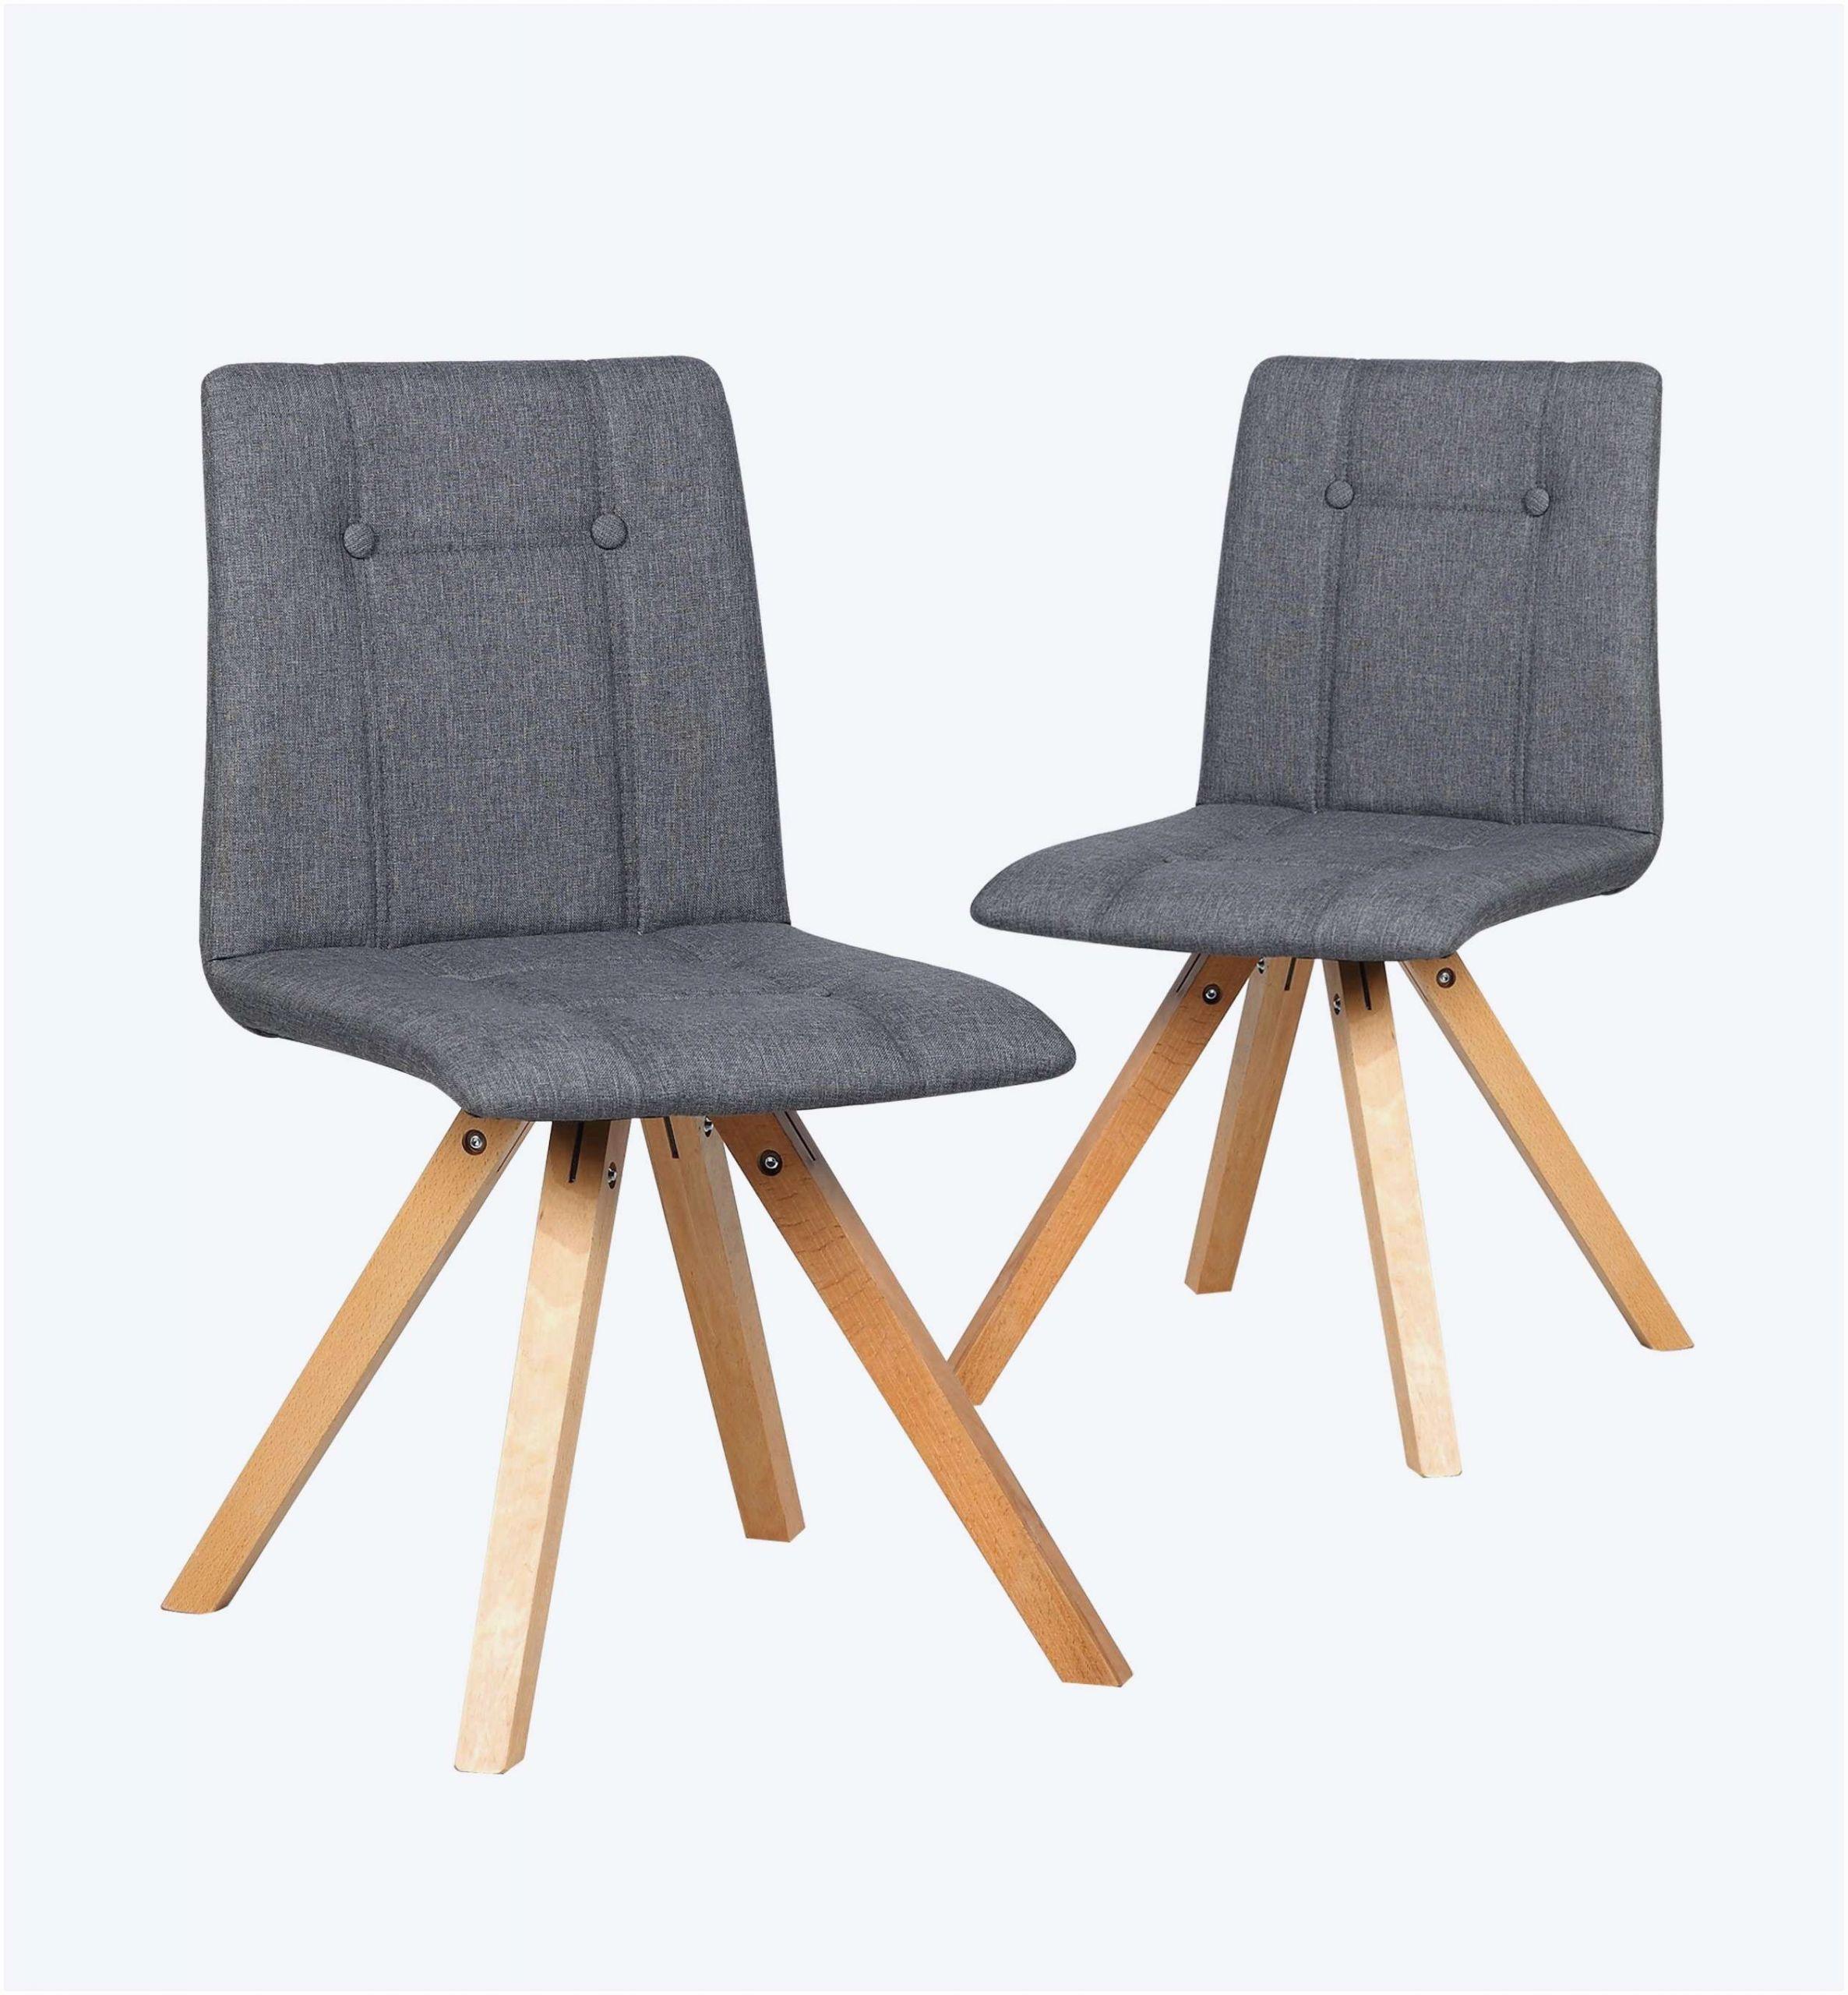 chaise plan de travail scandinave luxe elegant chaise metal pas cher best scandinave chaise chaise teck 0d of chaise plan de travail scandinave